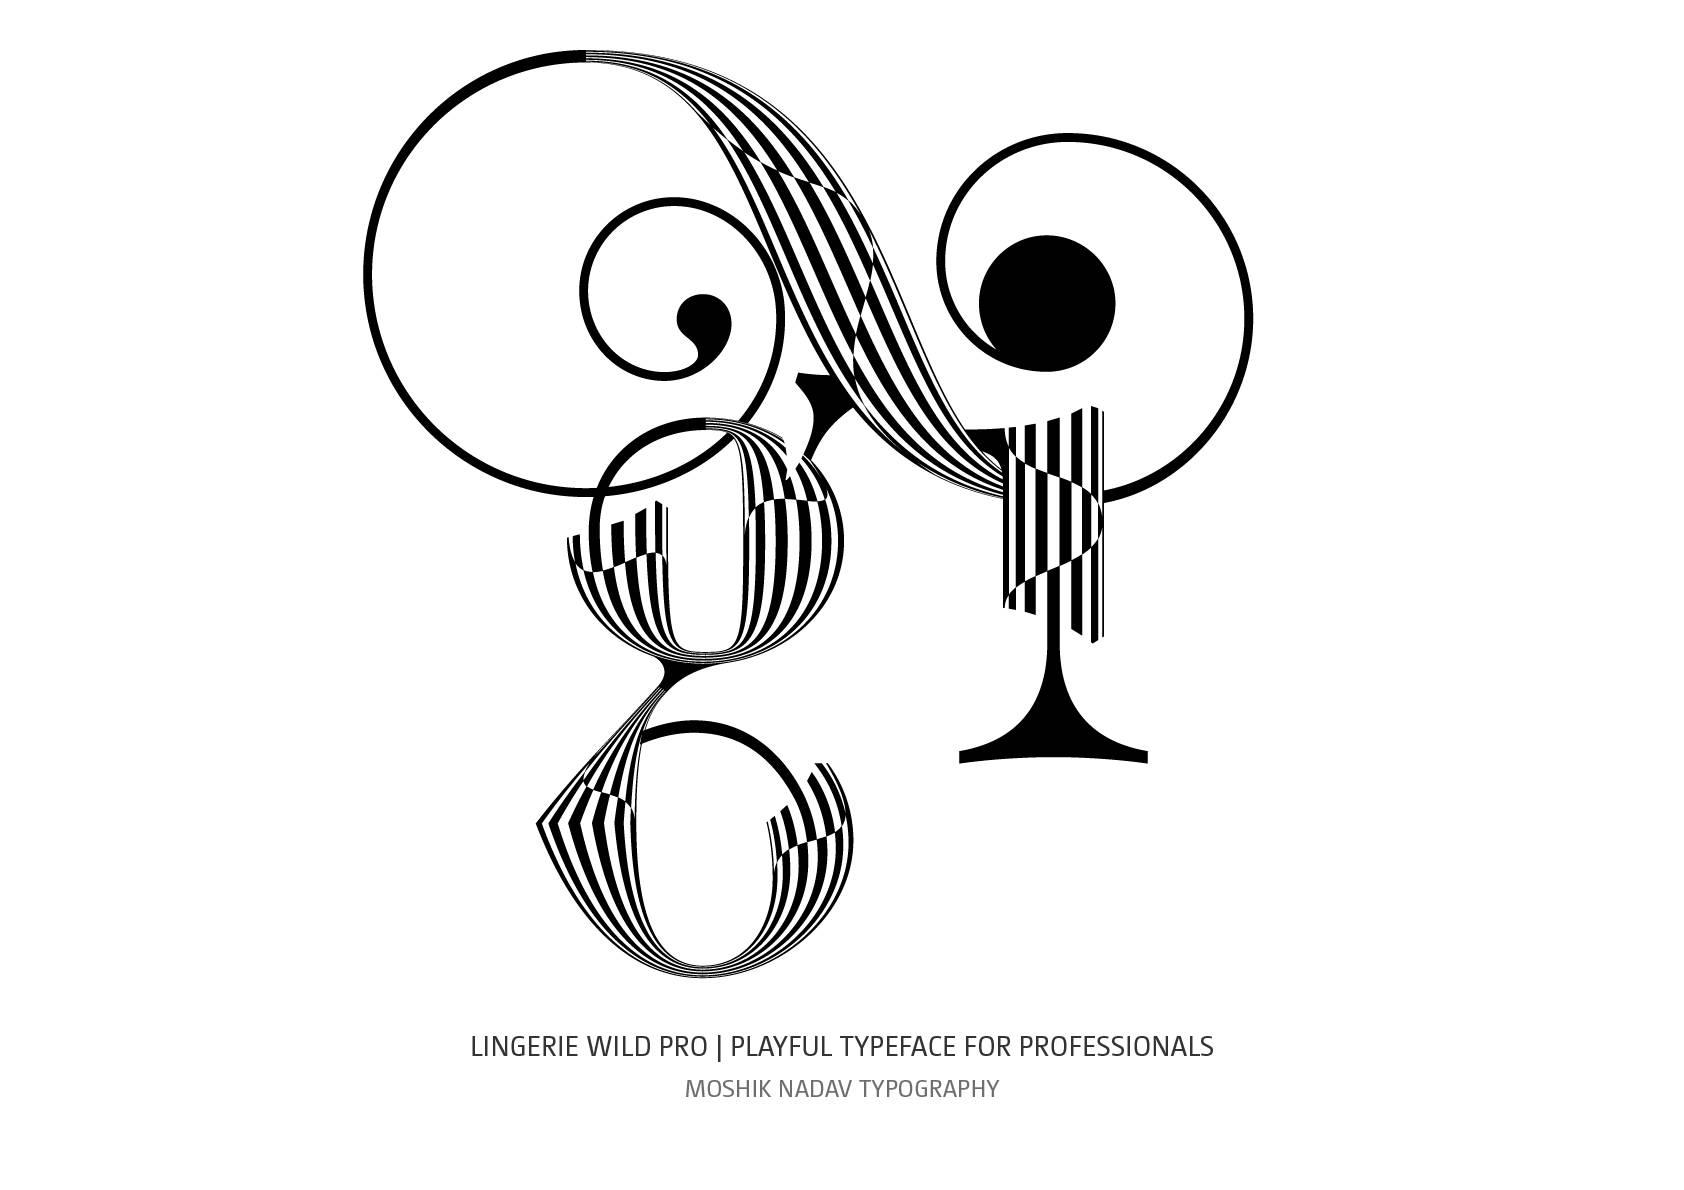 gi ligature designed with Lingerie Wild Pro Typeface by Moshik Nadav Fashion Typography